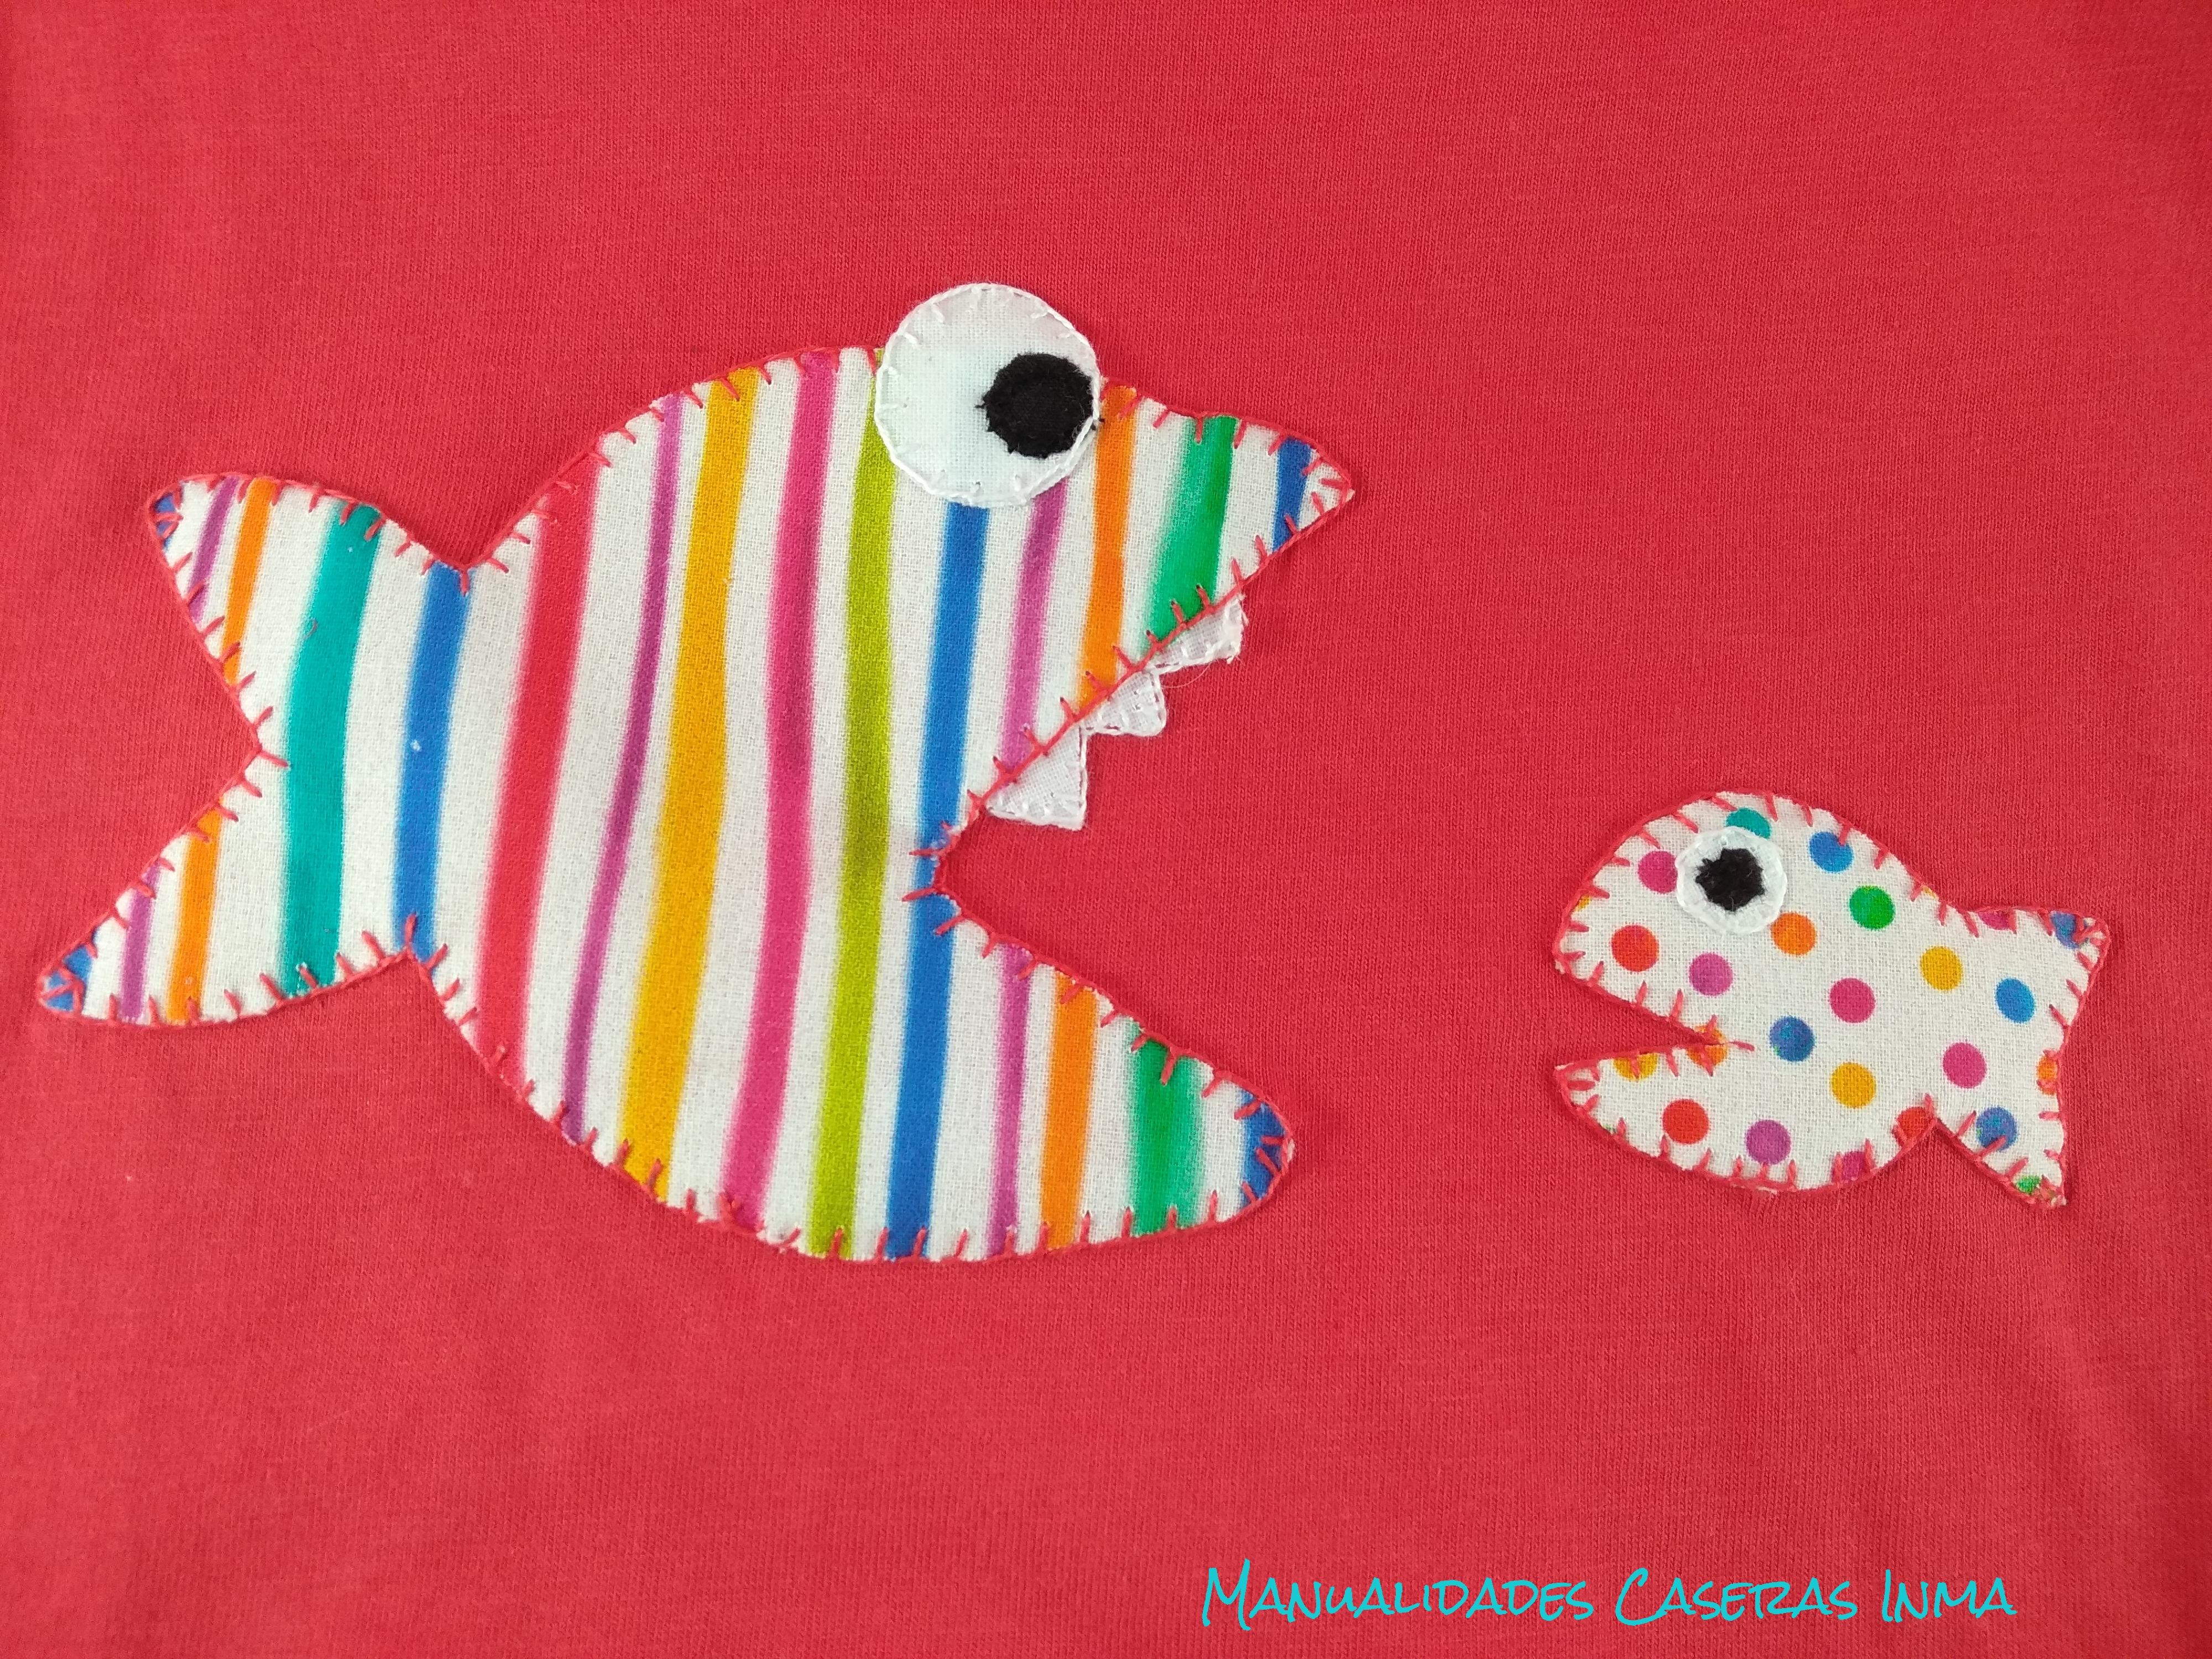 Manualidades Caseras Inma_ Detalle camiseta de peces a rayas y puntos